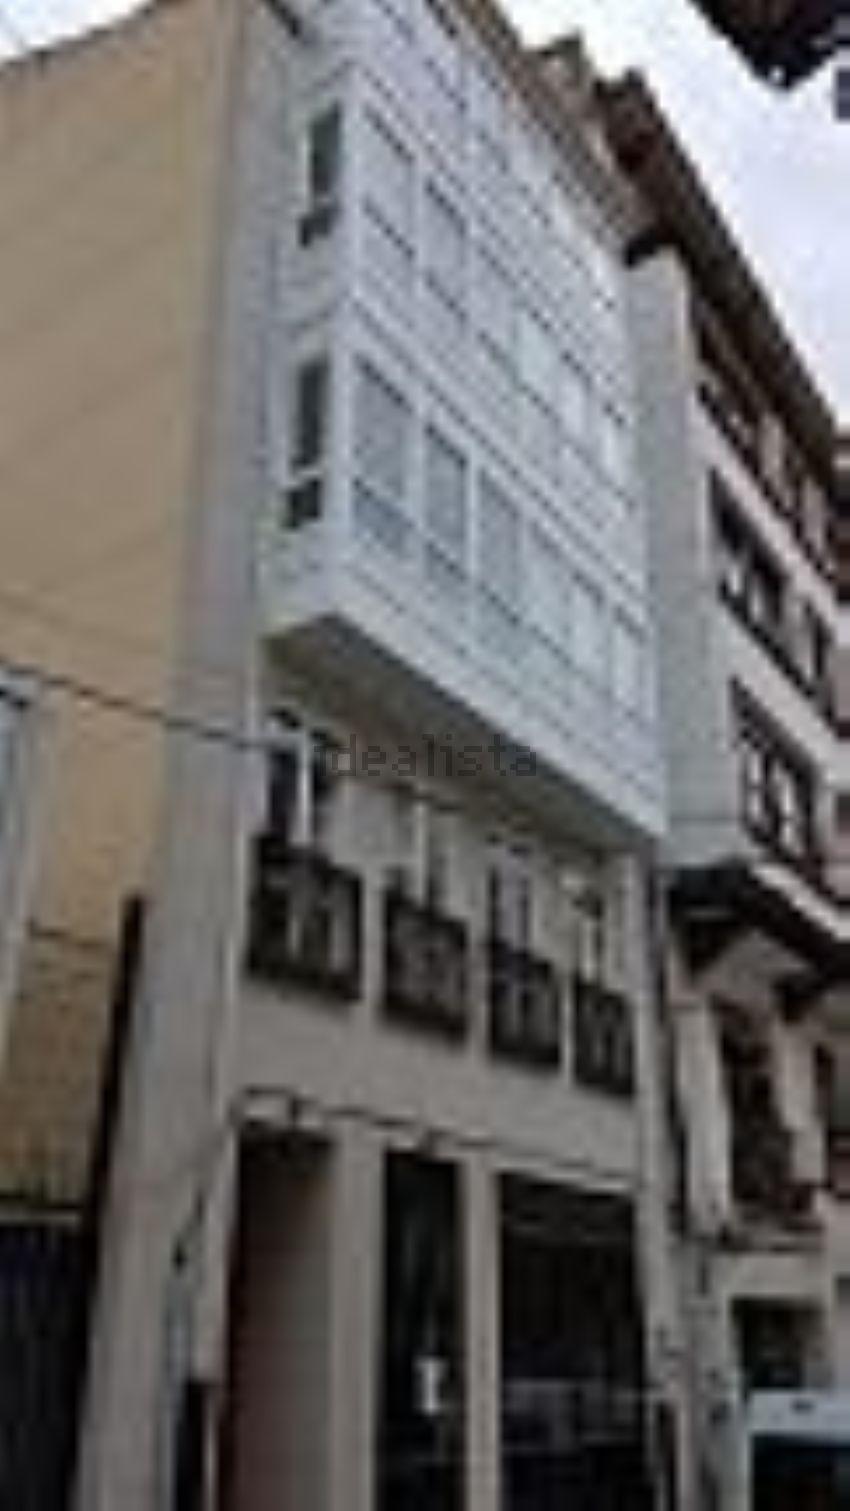 Ático en travesía de Zapateria, Ciudad Vieja - Centro, A Coruña